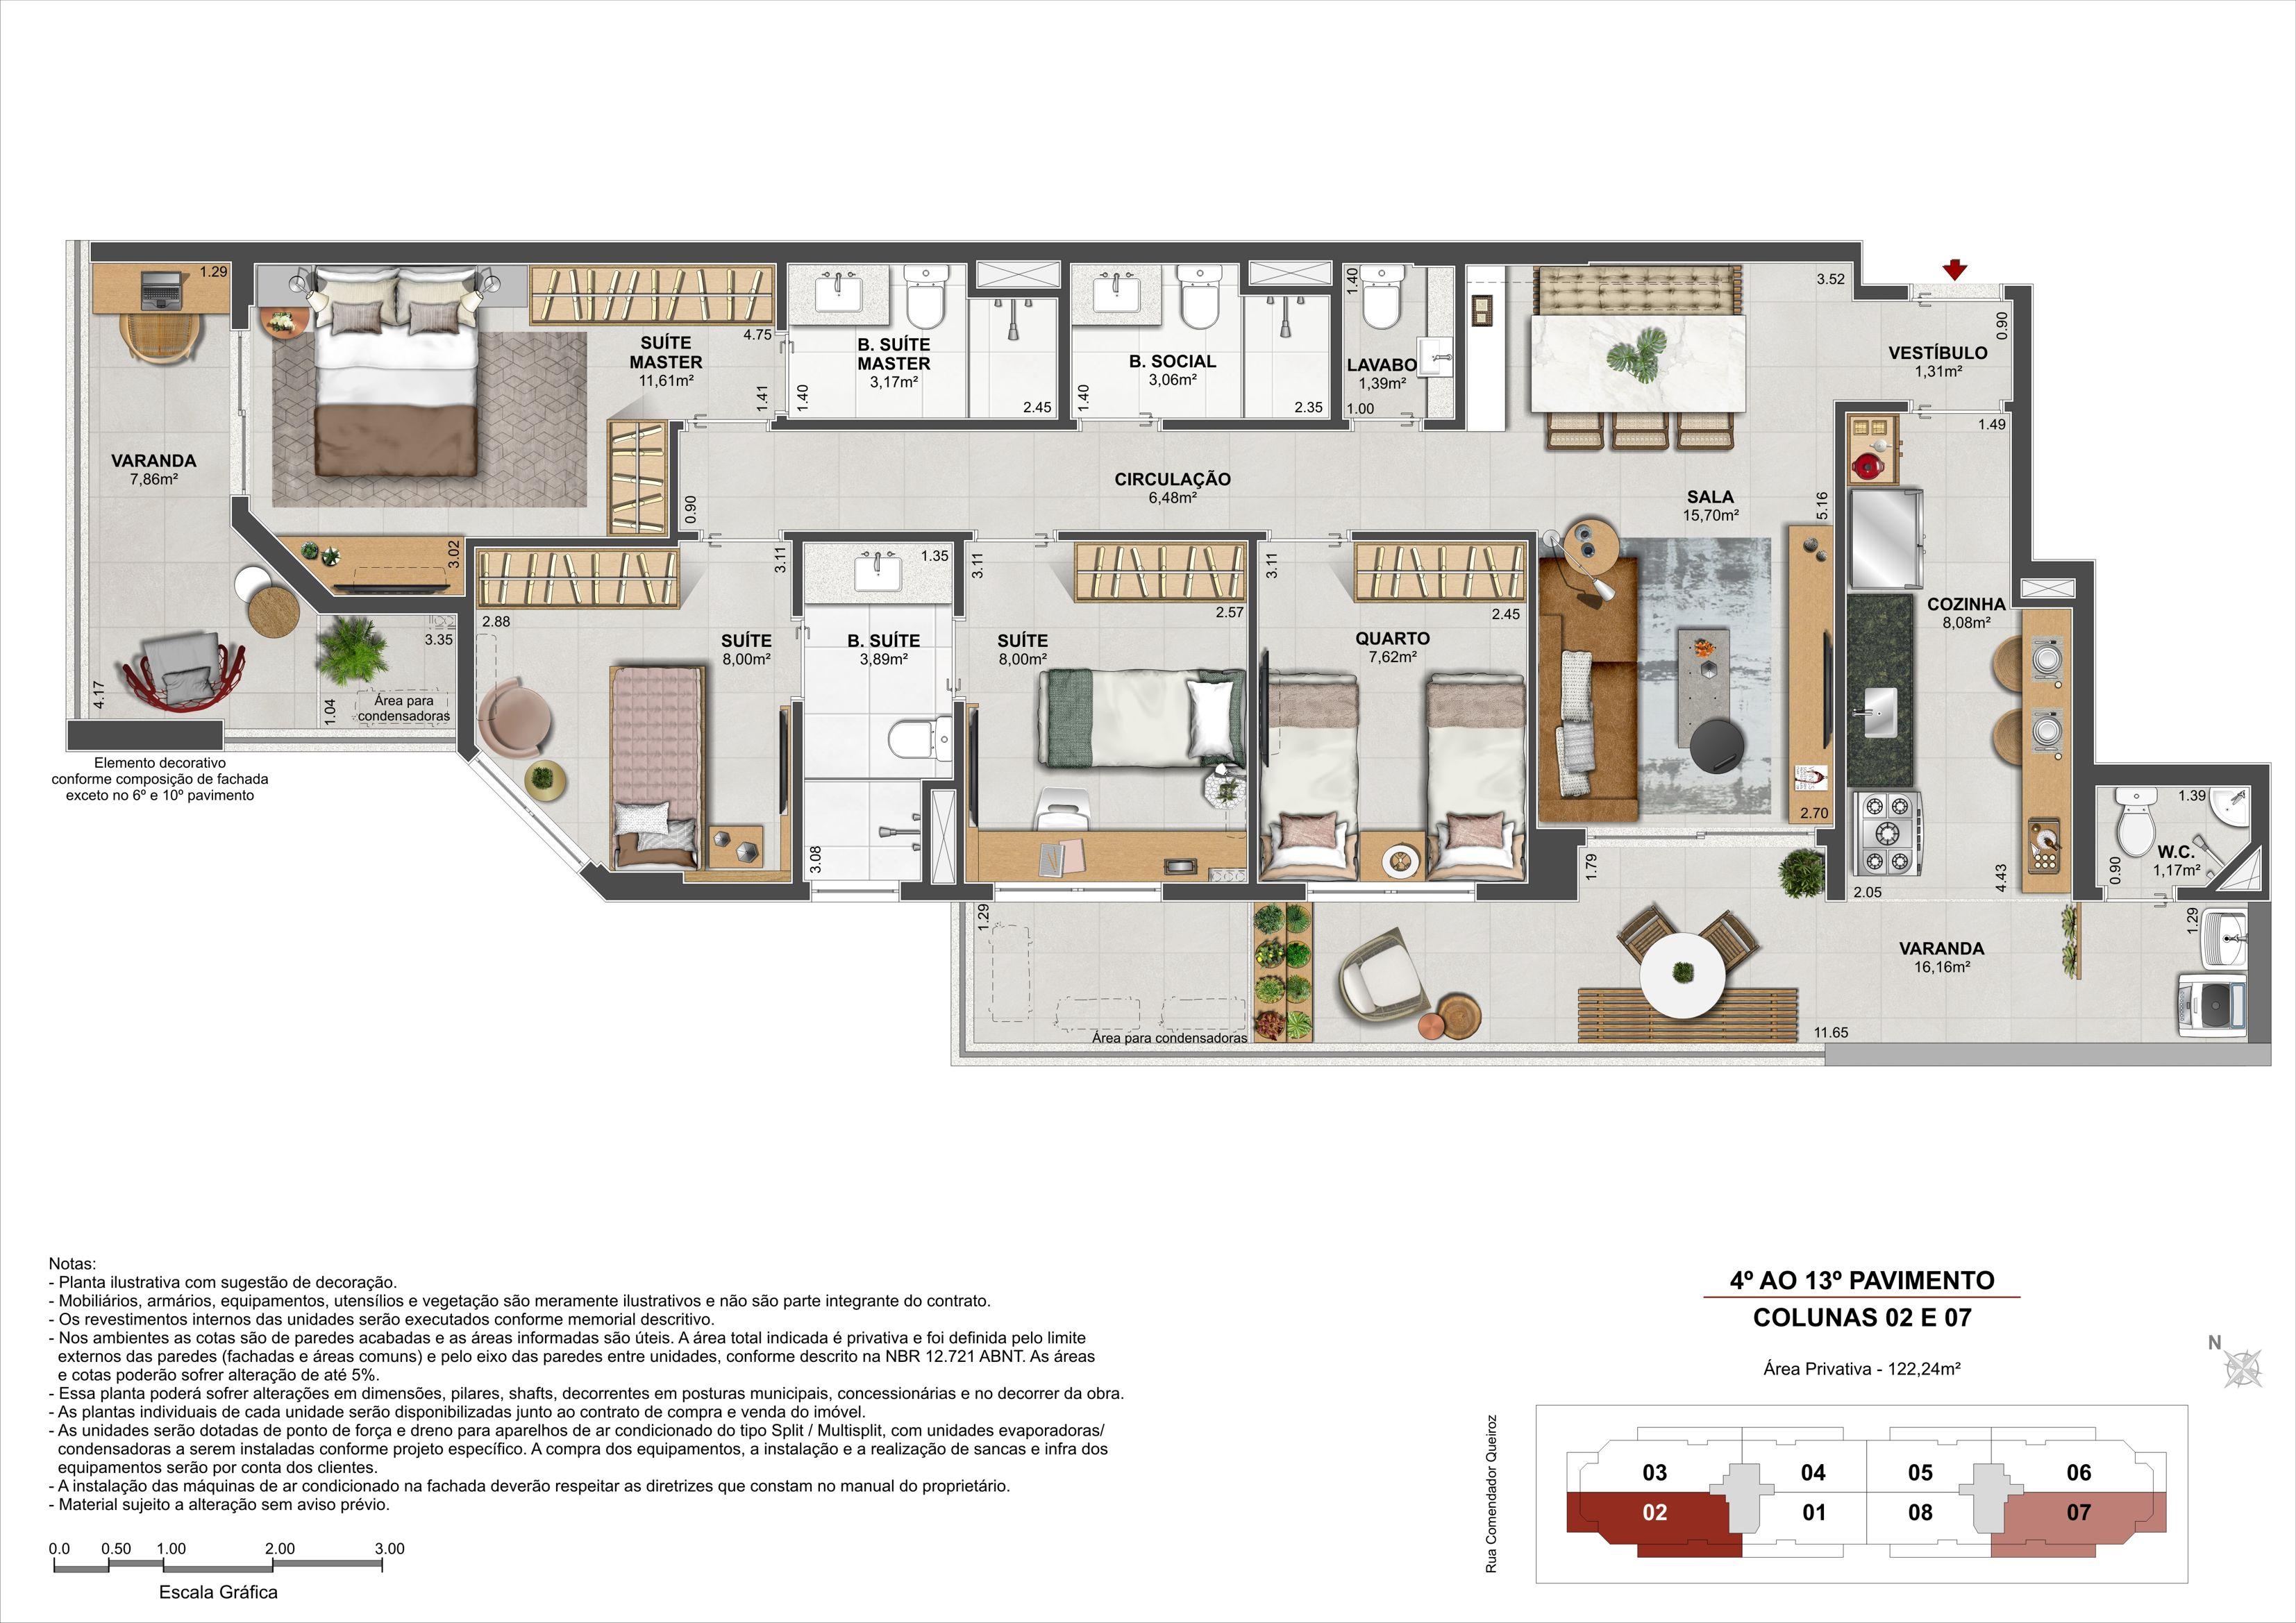 4 quartos - Área Privativa: 124,44m²